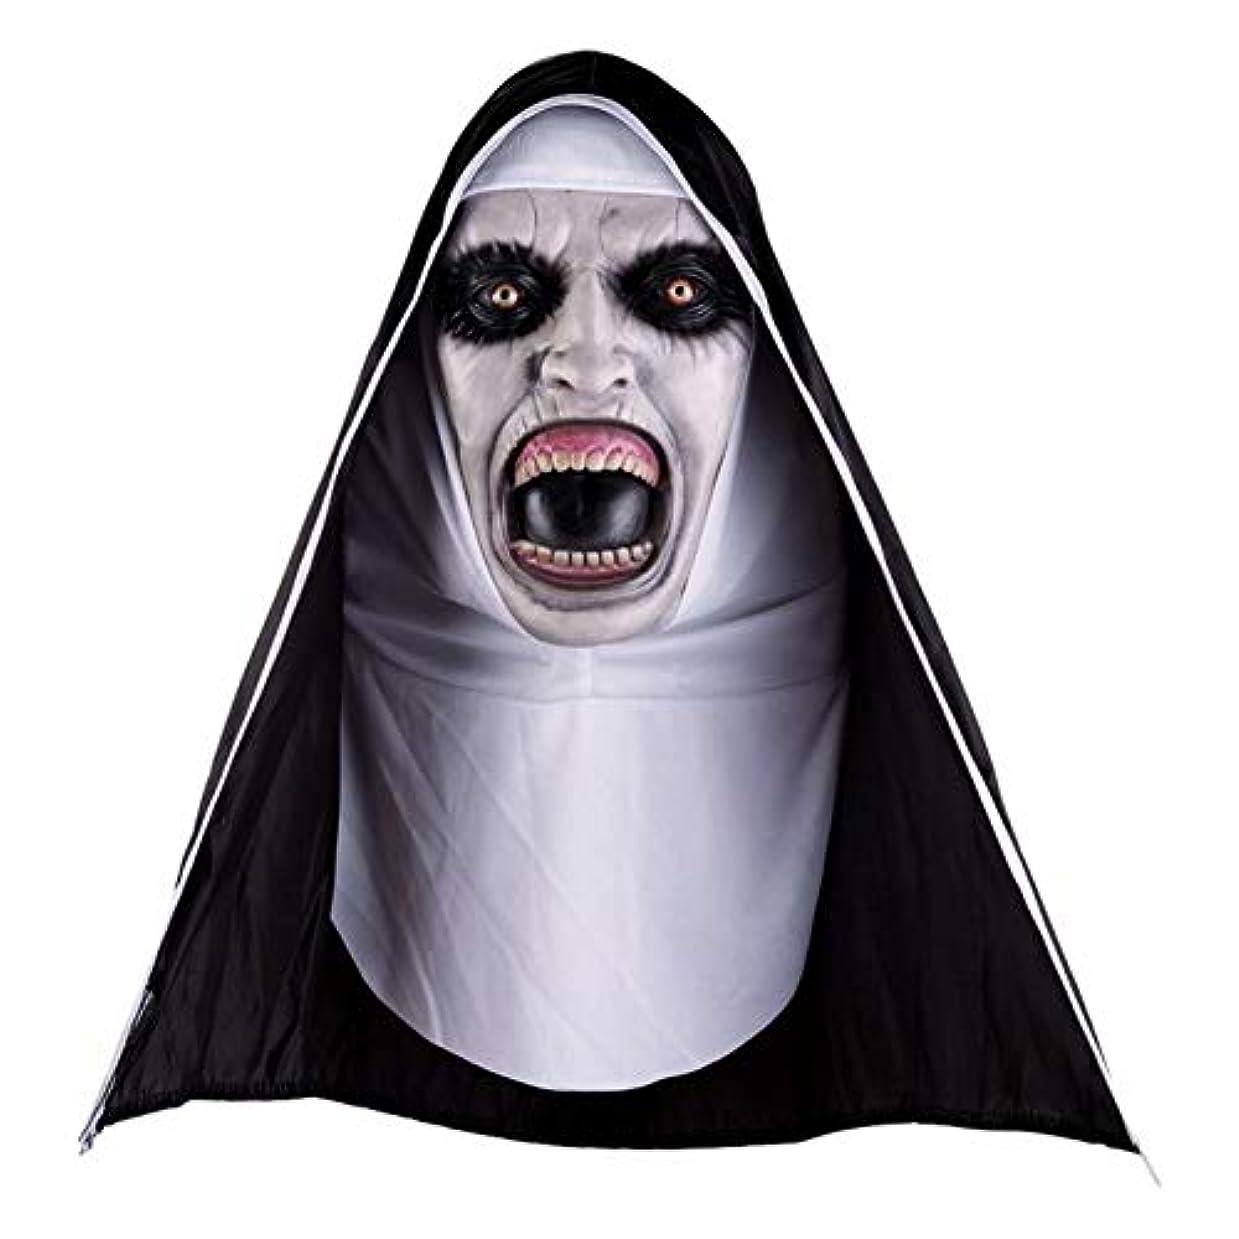 処分した更新爆発するEsolom ハロウィーンの怖いマスク ラテックス修道女マスク フルフェイスカバレッジ フード付き 大人と子供のロールプレイング いたずら小道具